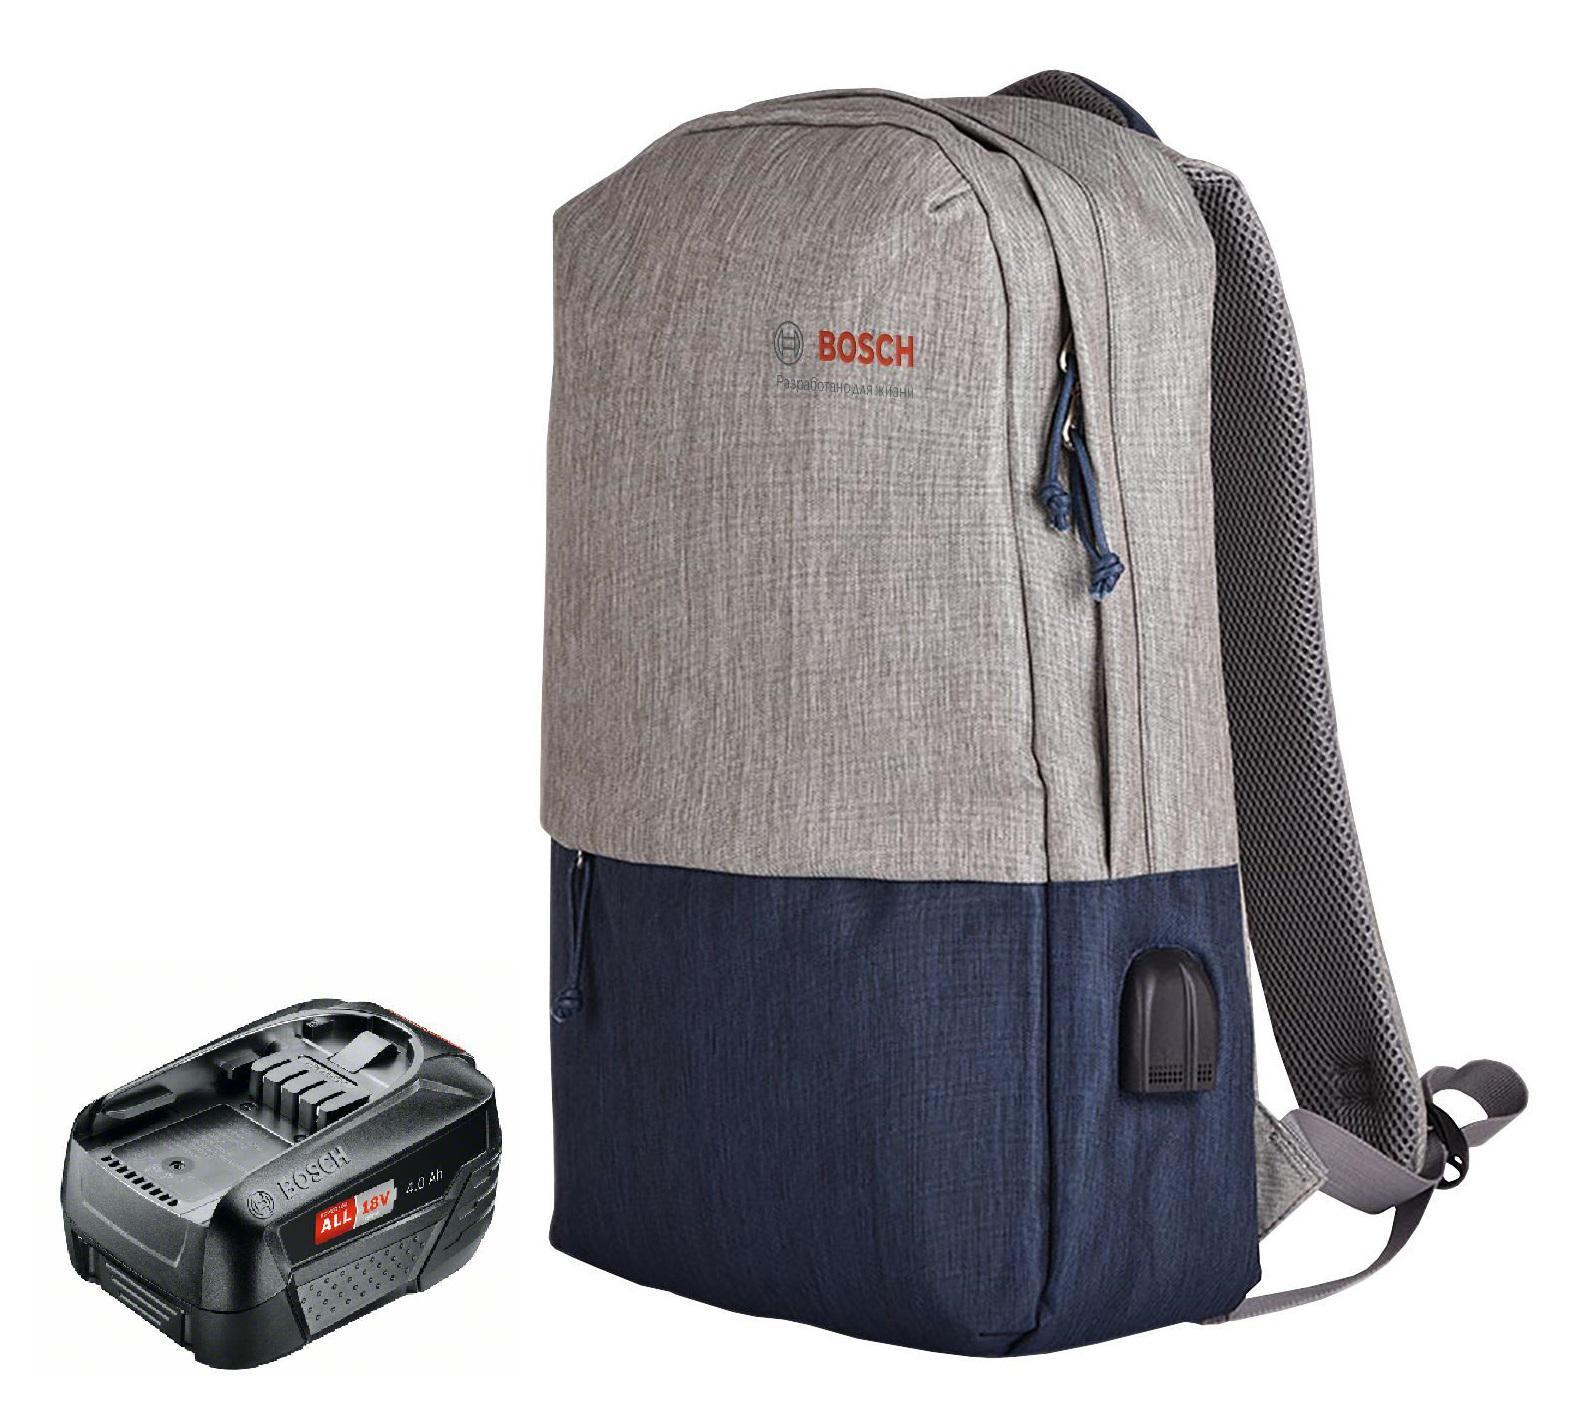 Набор Bosch Аккумулятор 18В 4Ач li-ion pba (1600a011t8) +Рюкзак 1.619.m00.k04